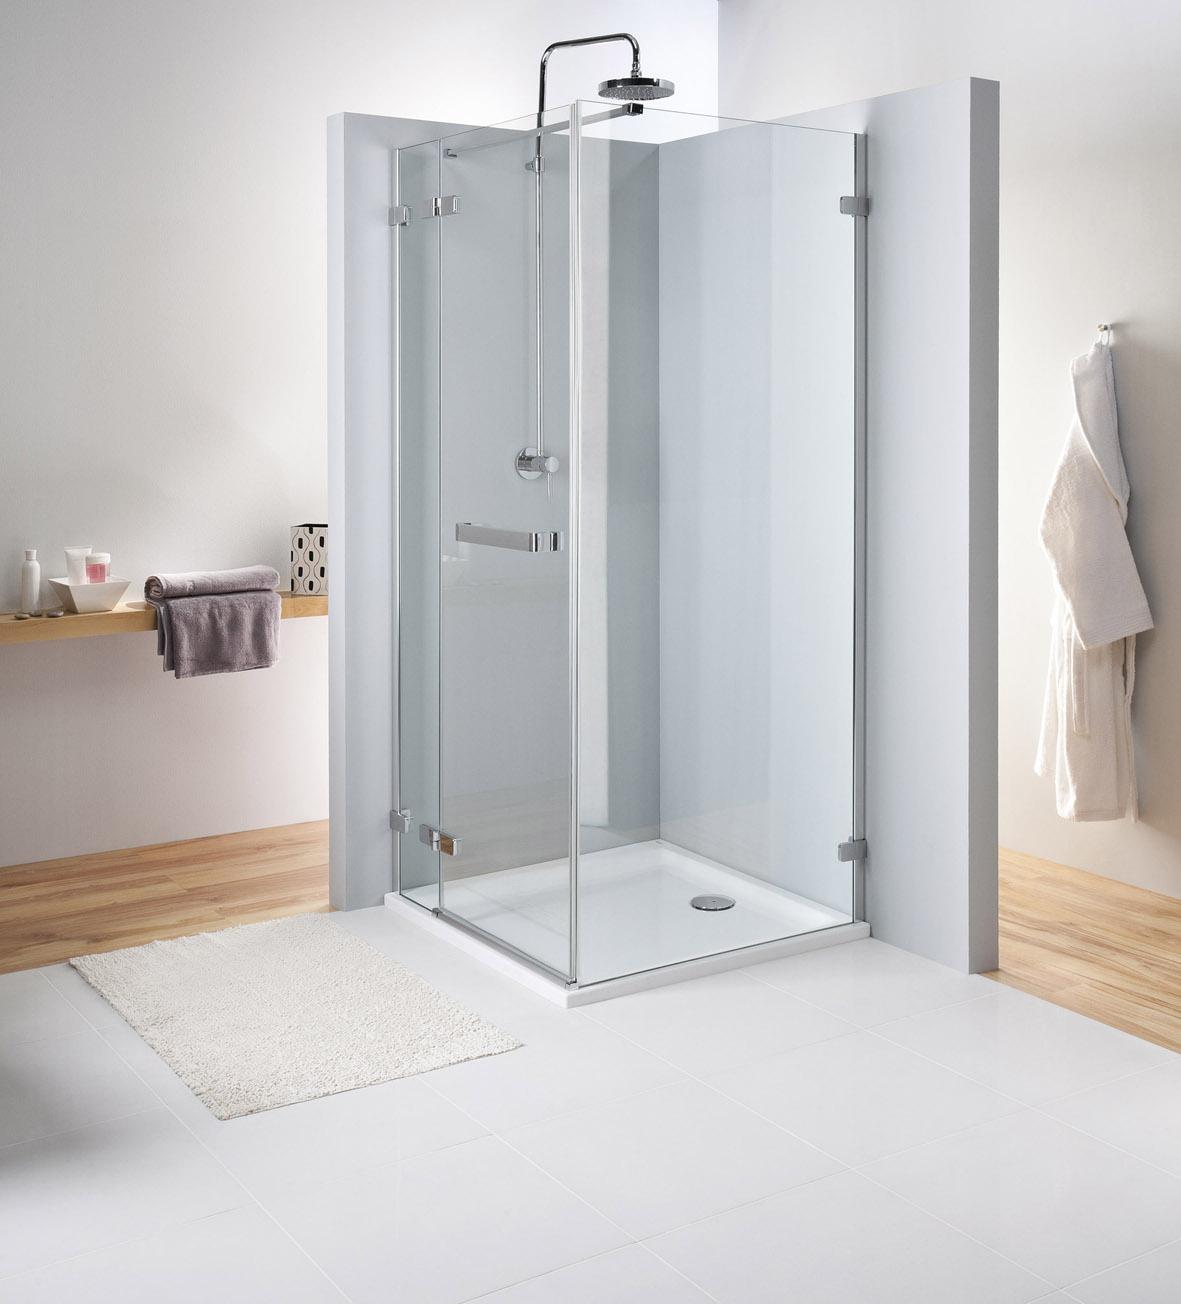 Kolo Next - křídlové dveře 90 cm, s madlem, pro kombinaci s pevnou boční stěnou, sklo čiré, stříbrná lesklá HDSF90222R03 L/R